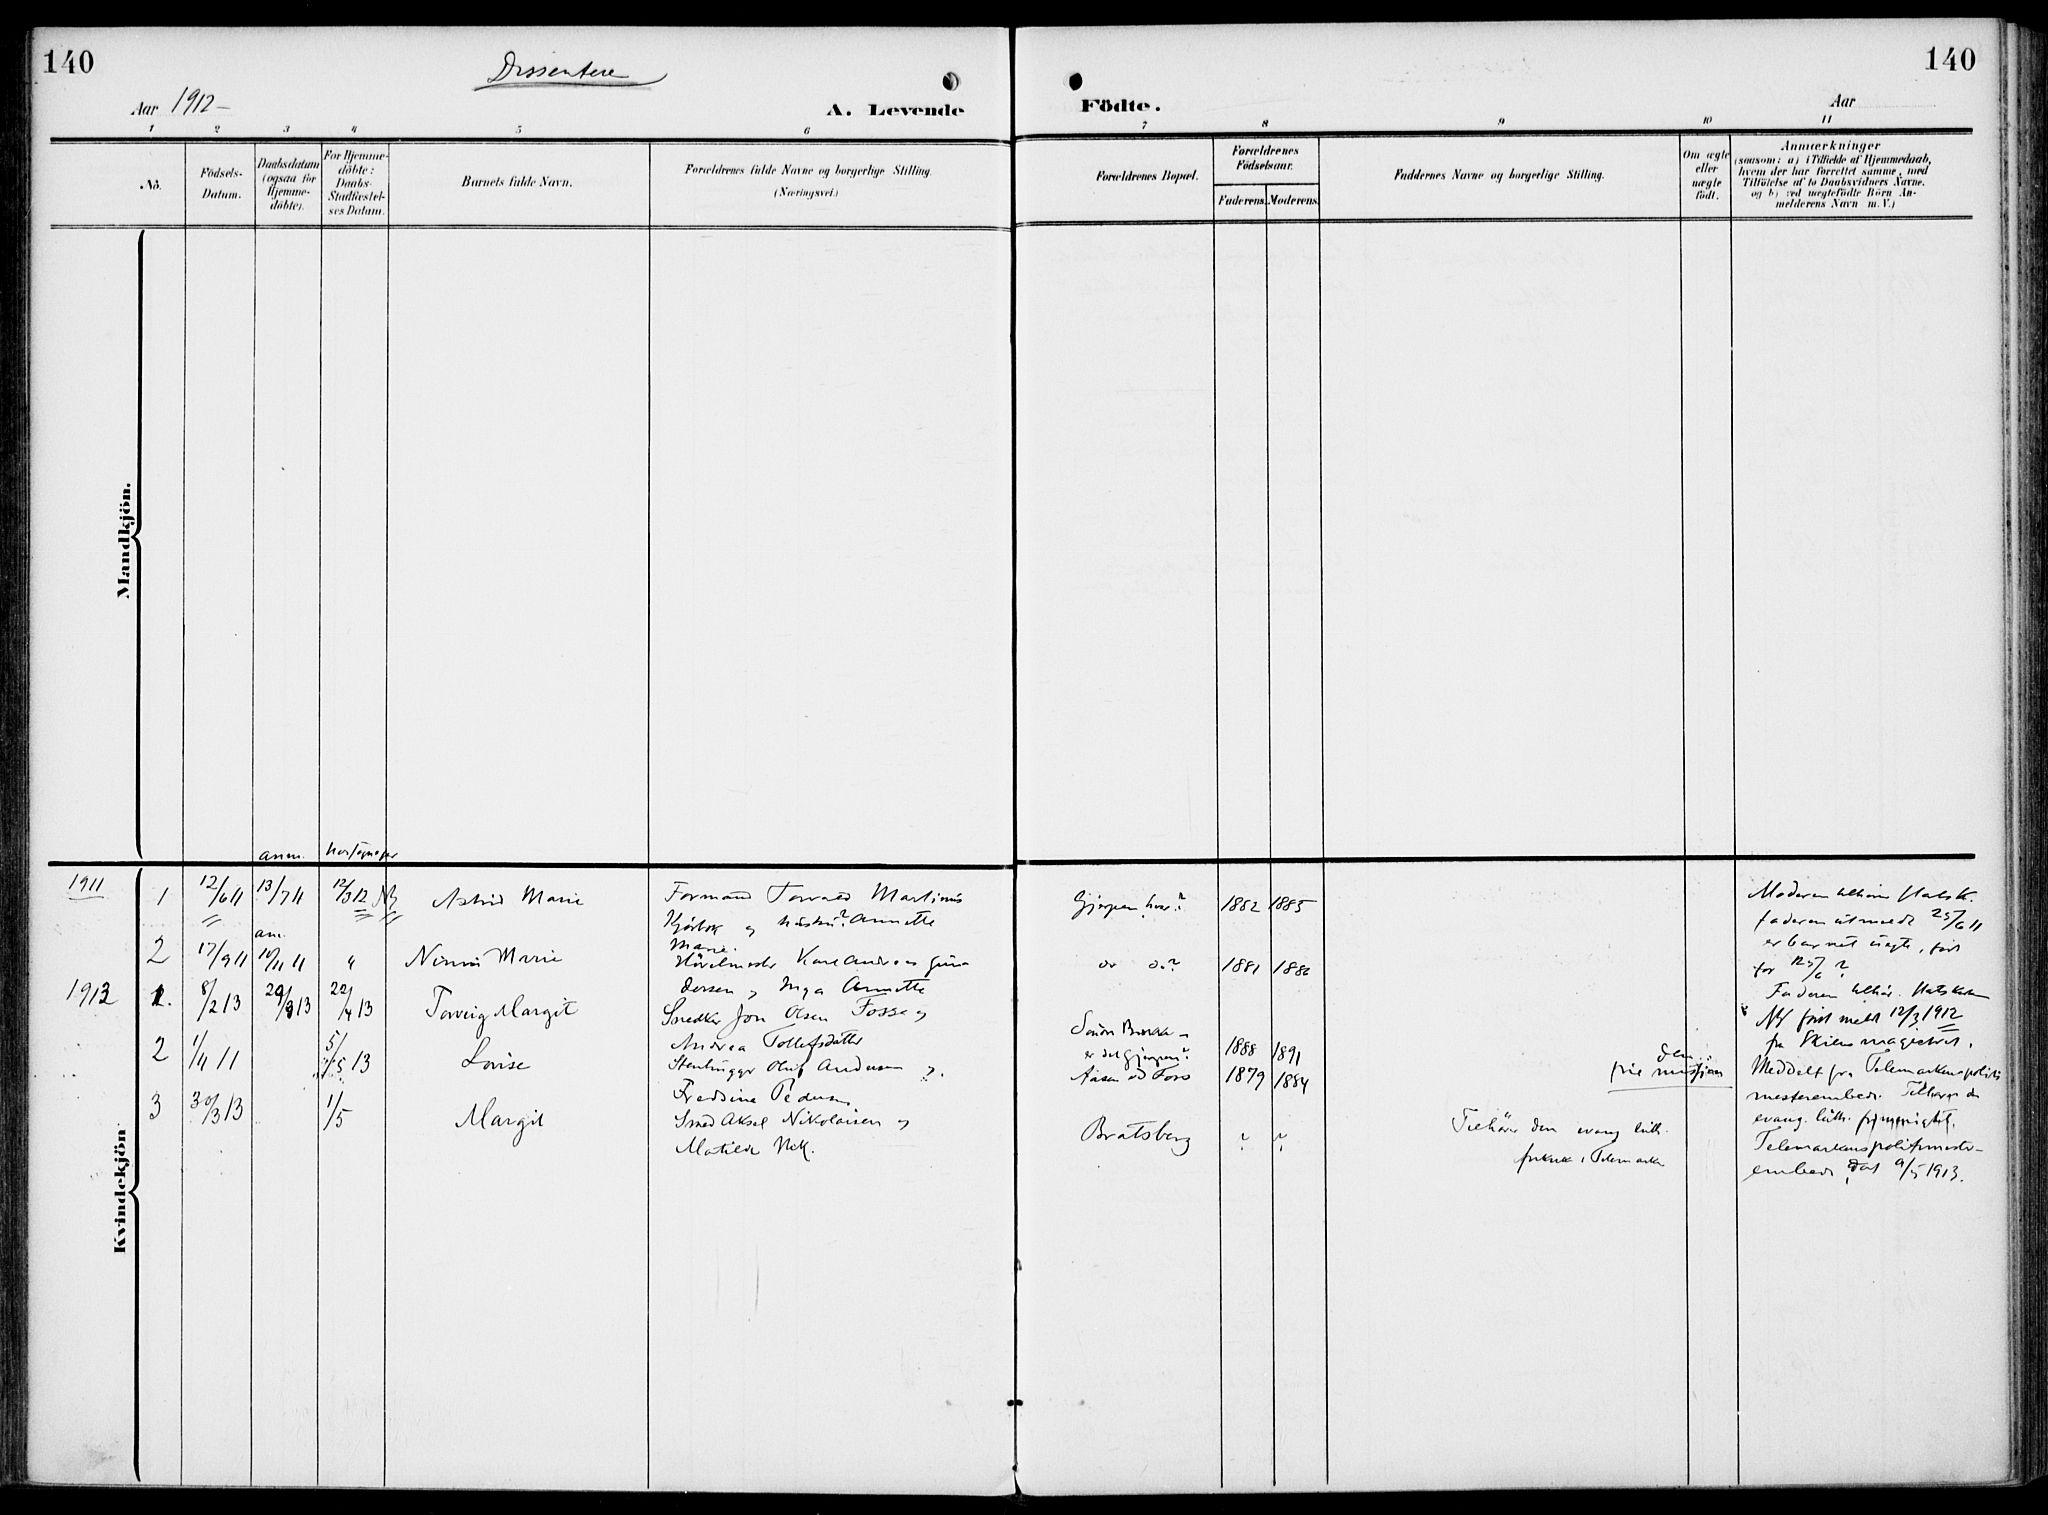 SAKO, Gjerpen kirkebøker, F/Fa/L0012: Ministerialbok nr. 12, 1905-1913, s. 140